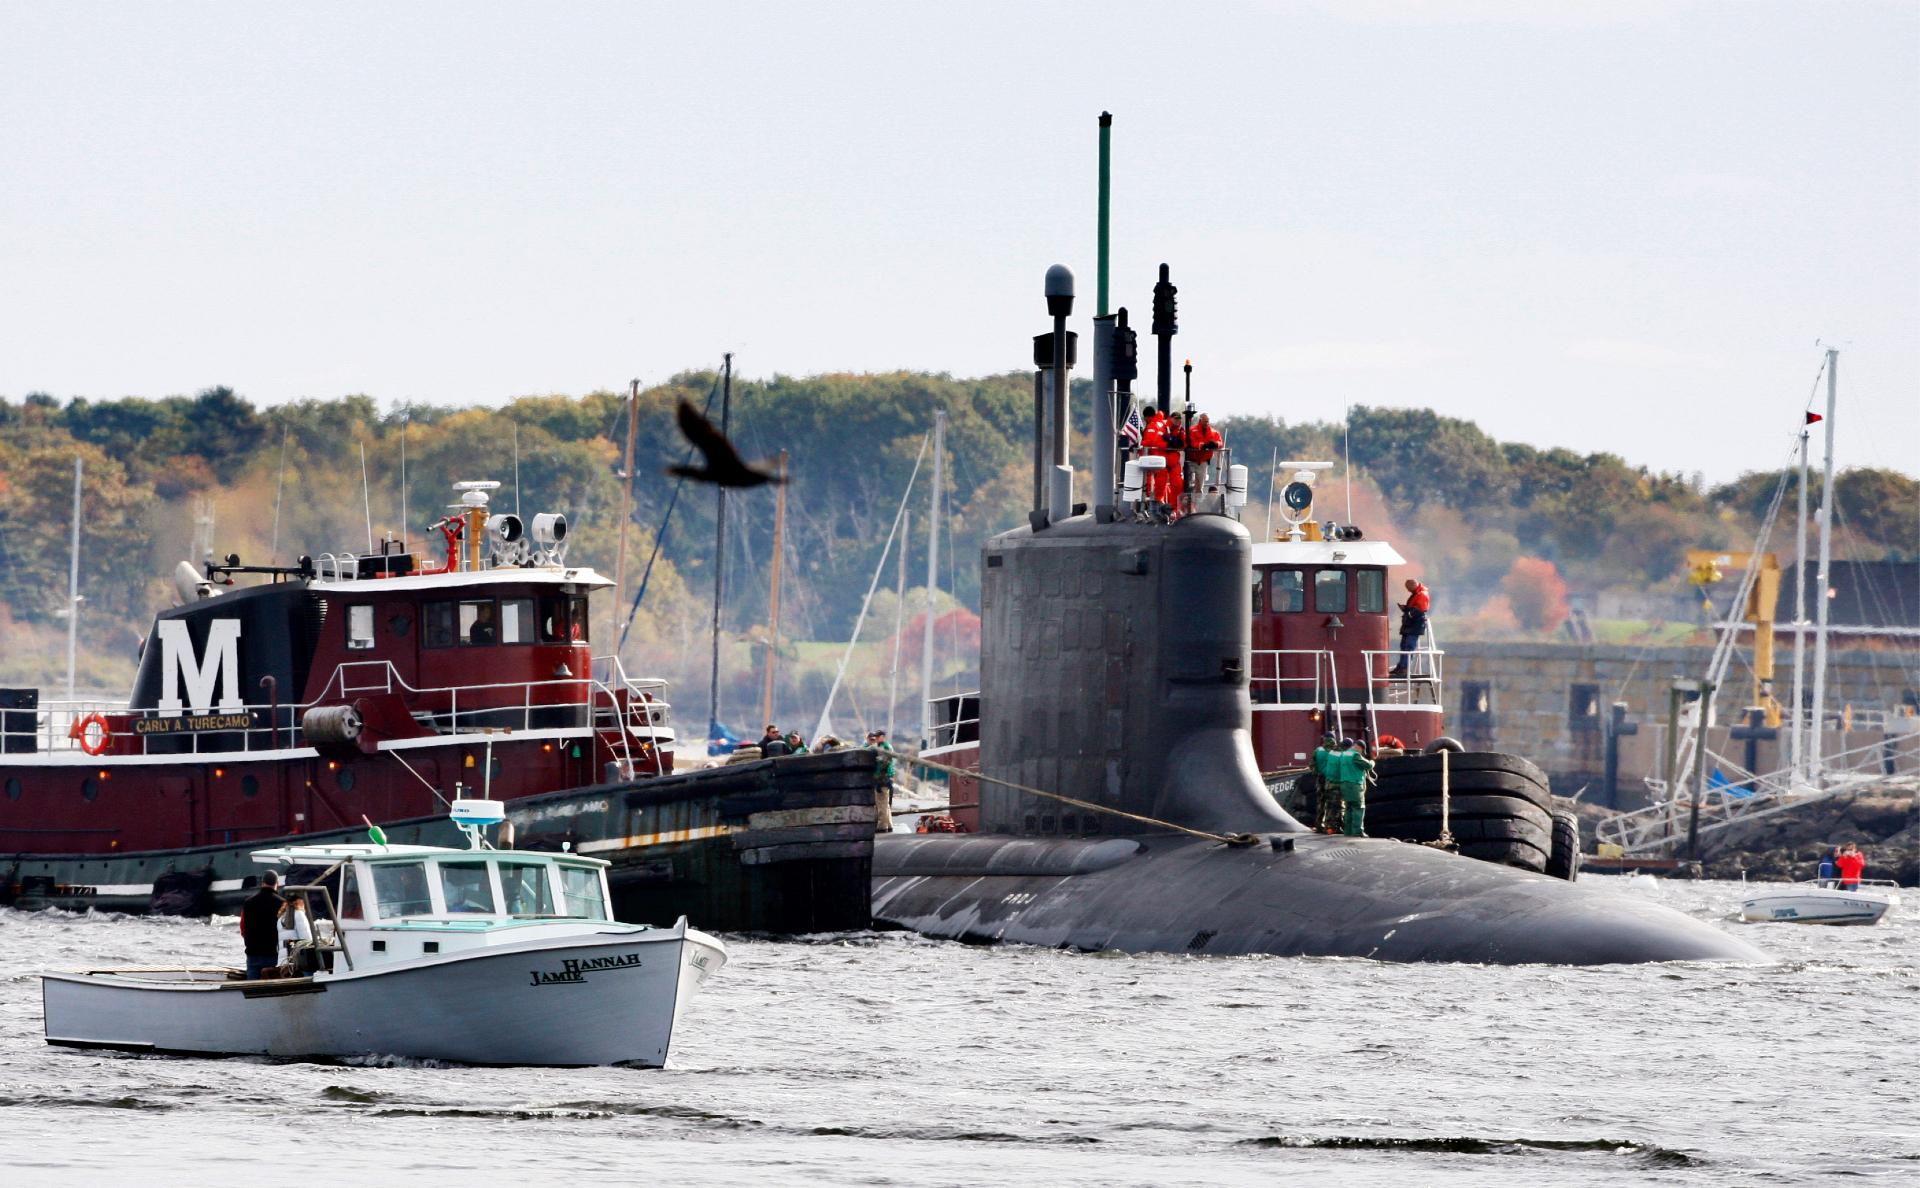 США решили установить гиперзвуковое оружие на свои подлодки